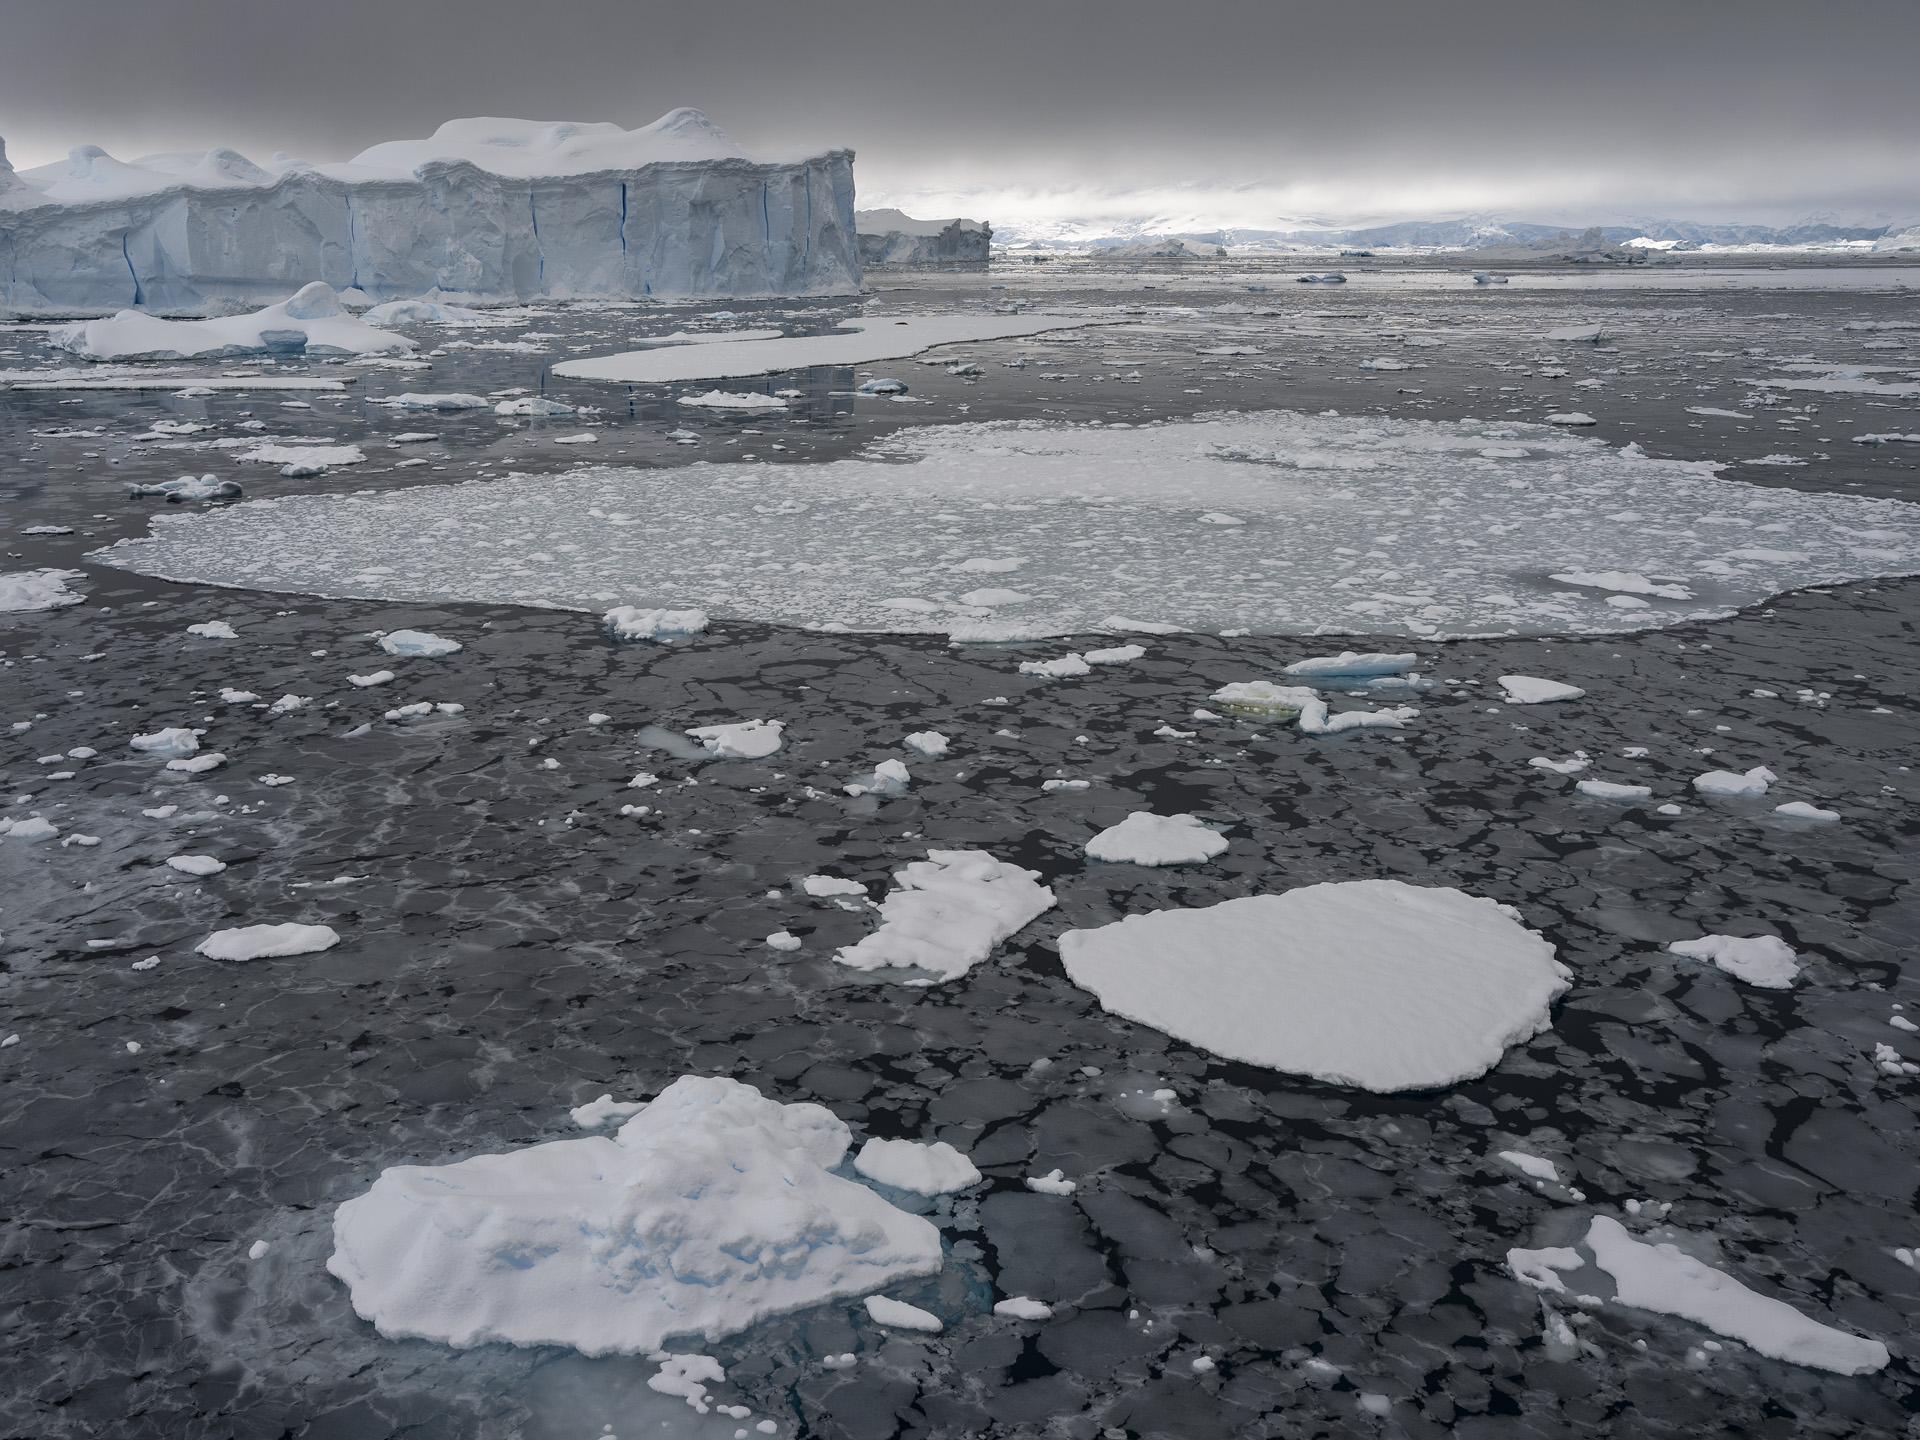 Portal Point, Antarctica 2016